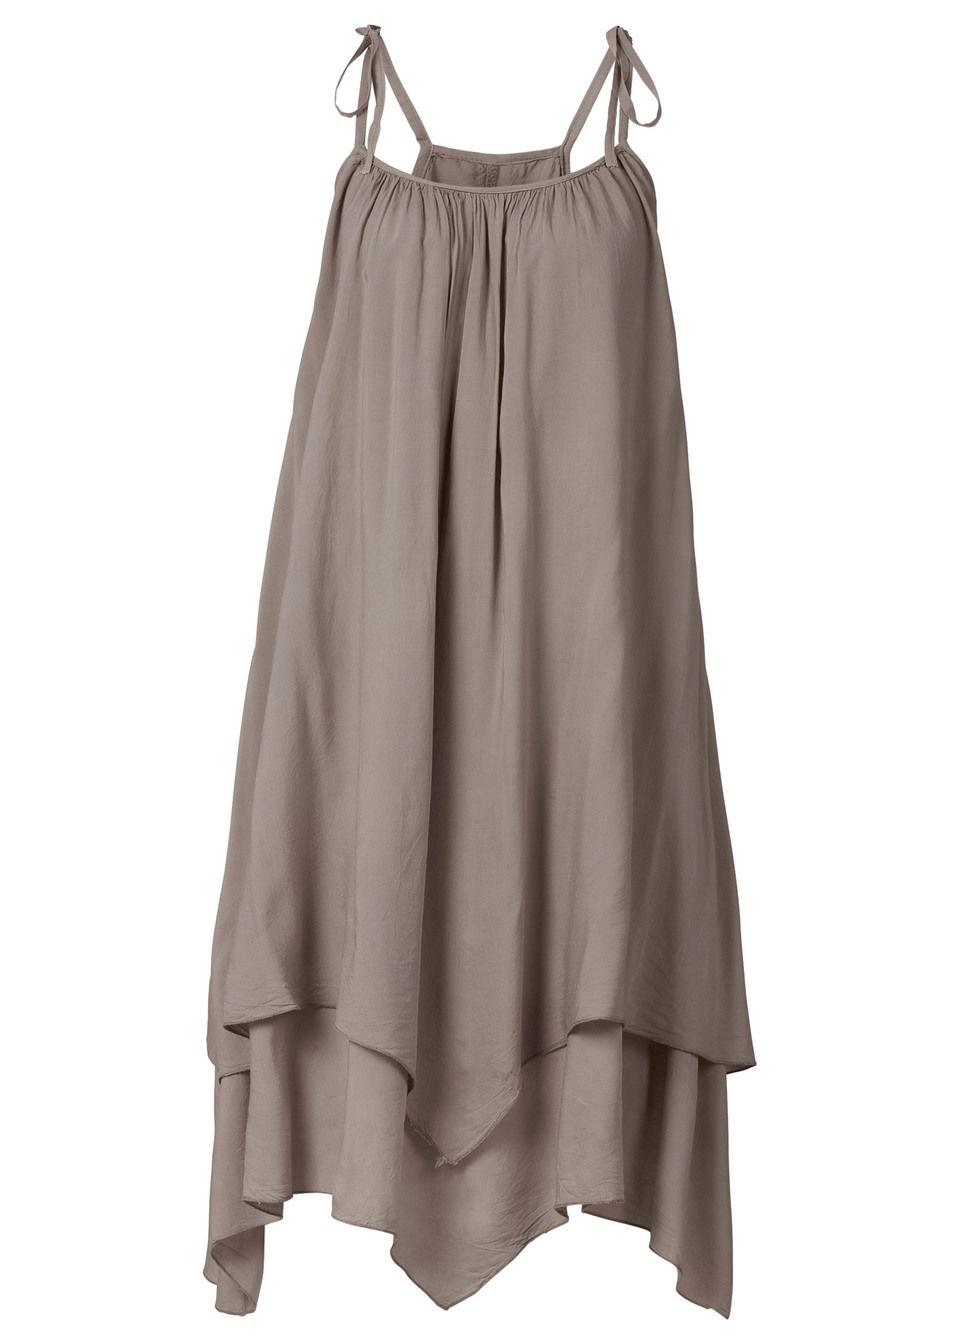 Купить Платья, Платье с асимметричным низом, bonprix, темный серо-коричневый